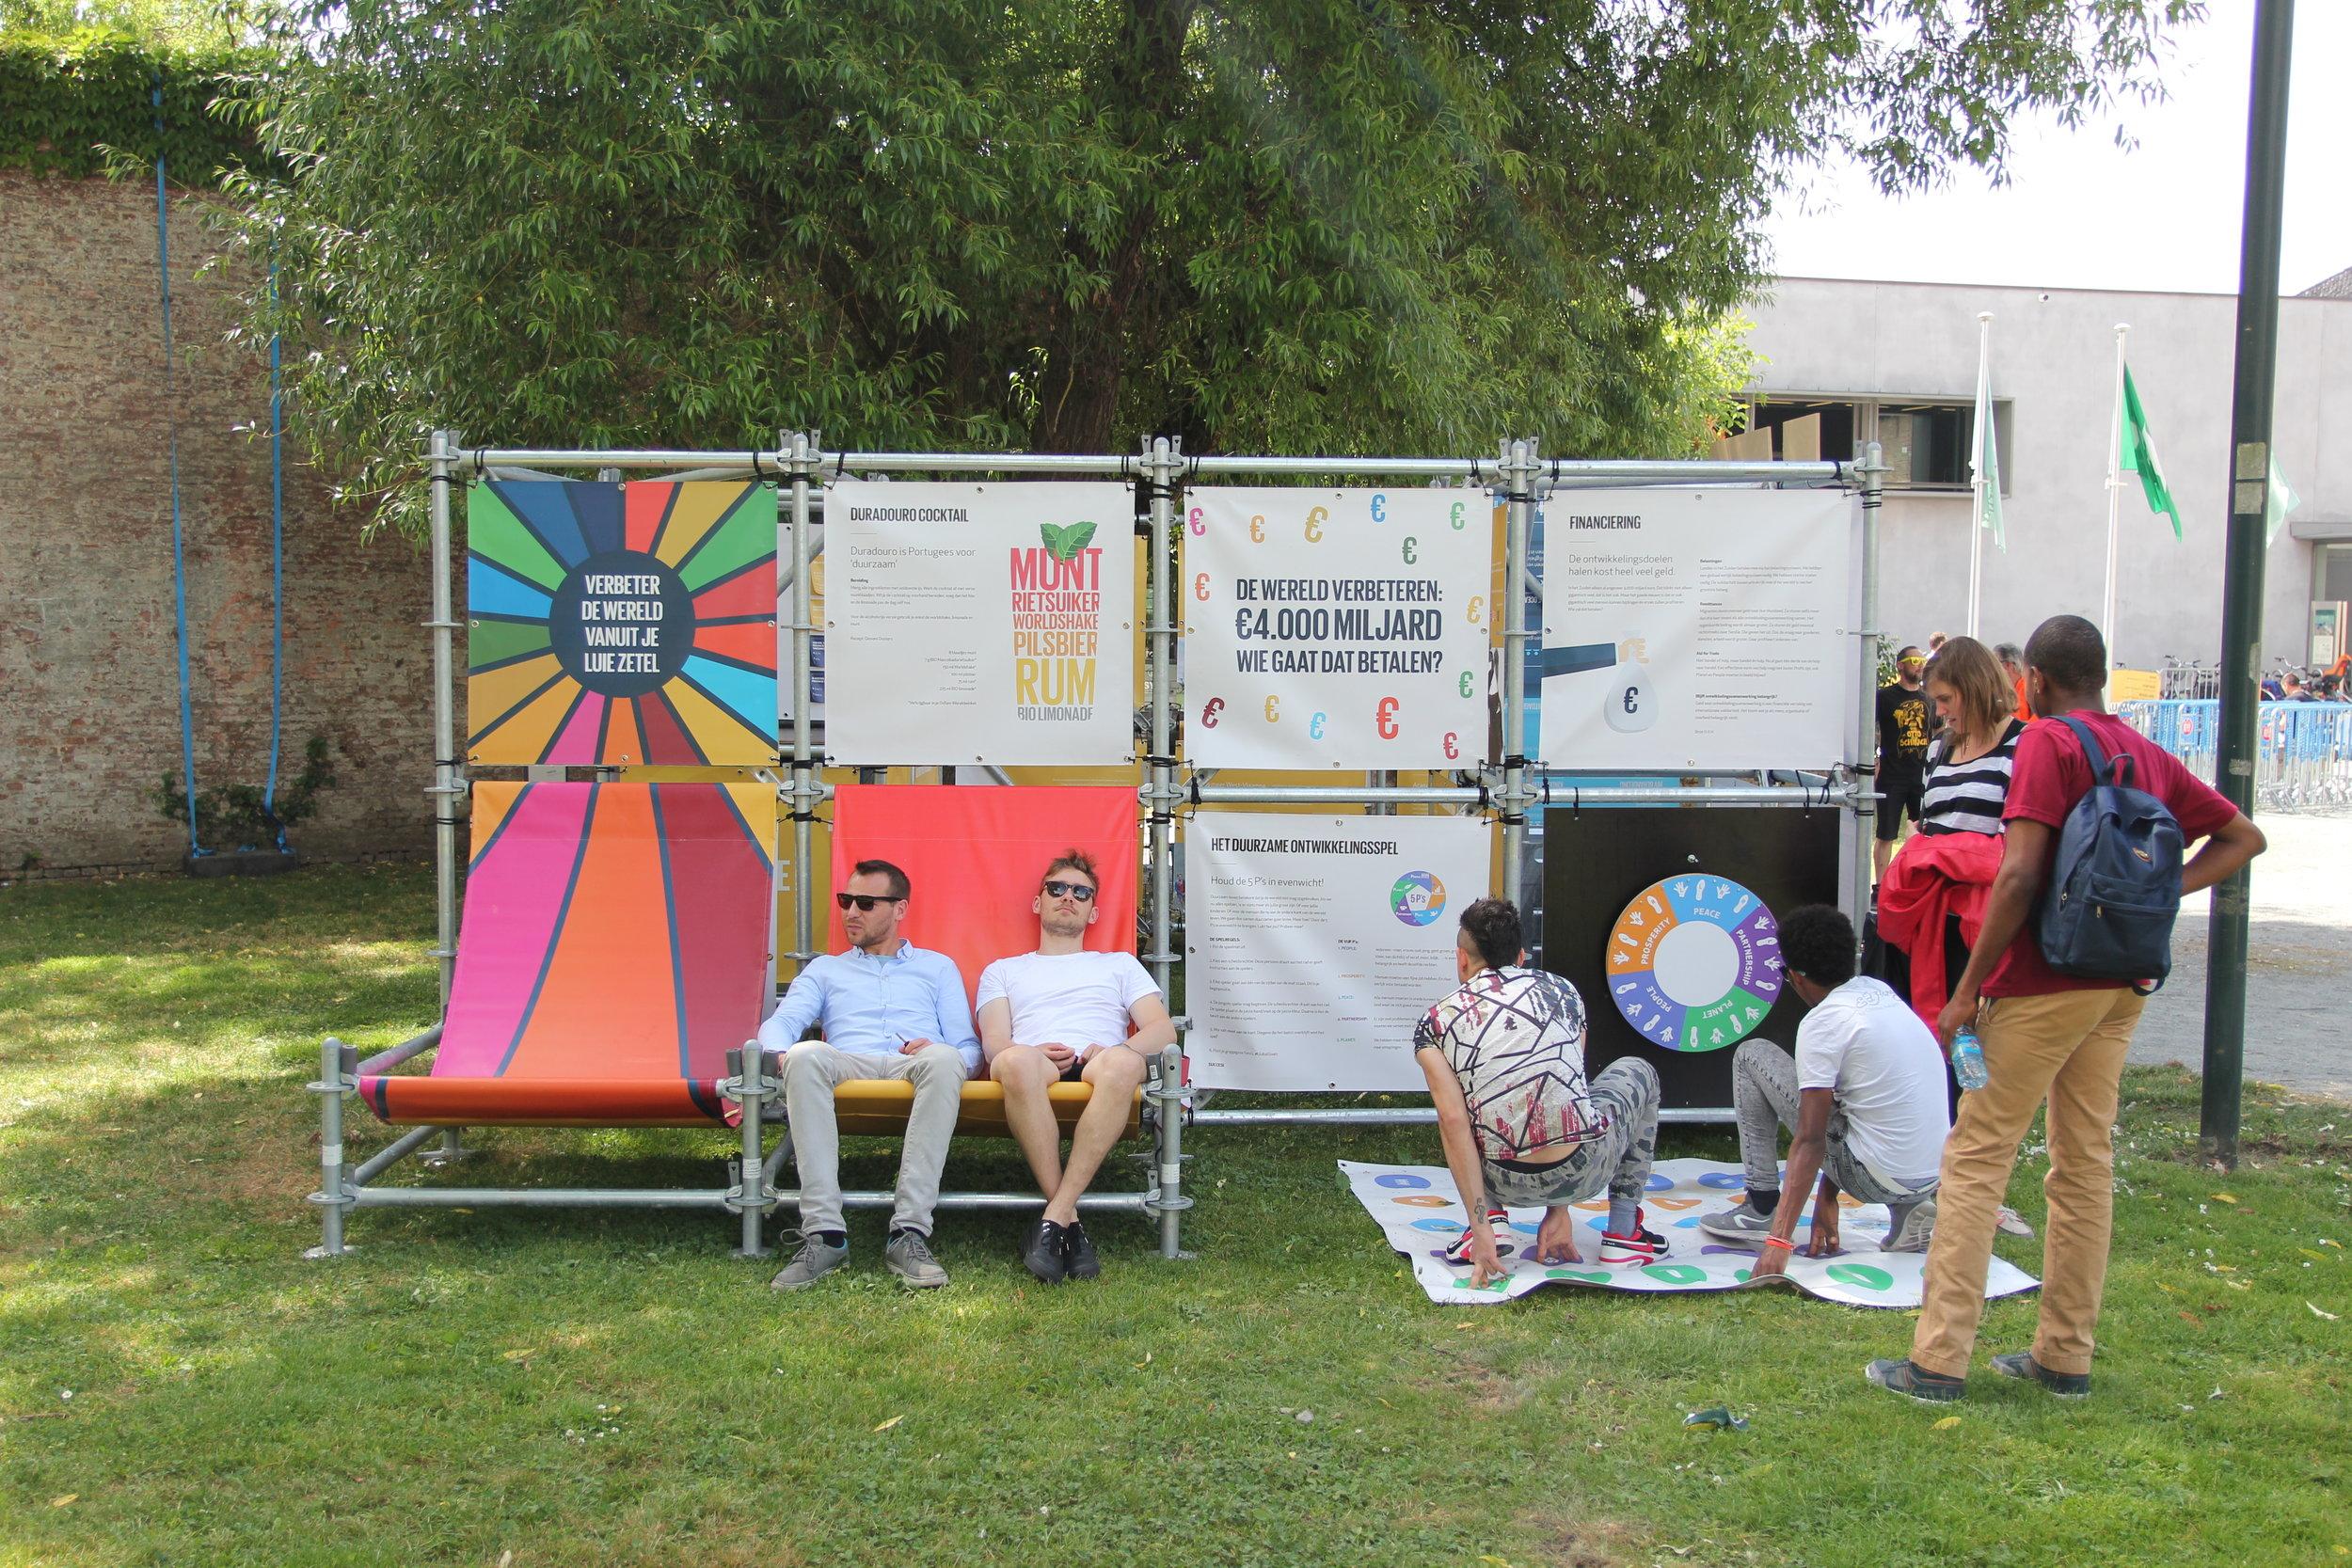 Urbanize Studio - SDGs - Sustainable Development Goals - Verenigde Naties - United Nations - Wereldhuis West-Vlaanderen